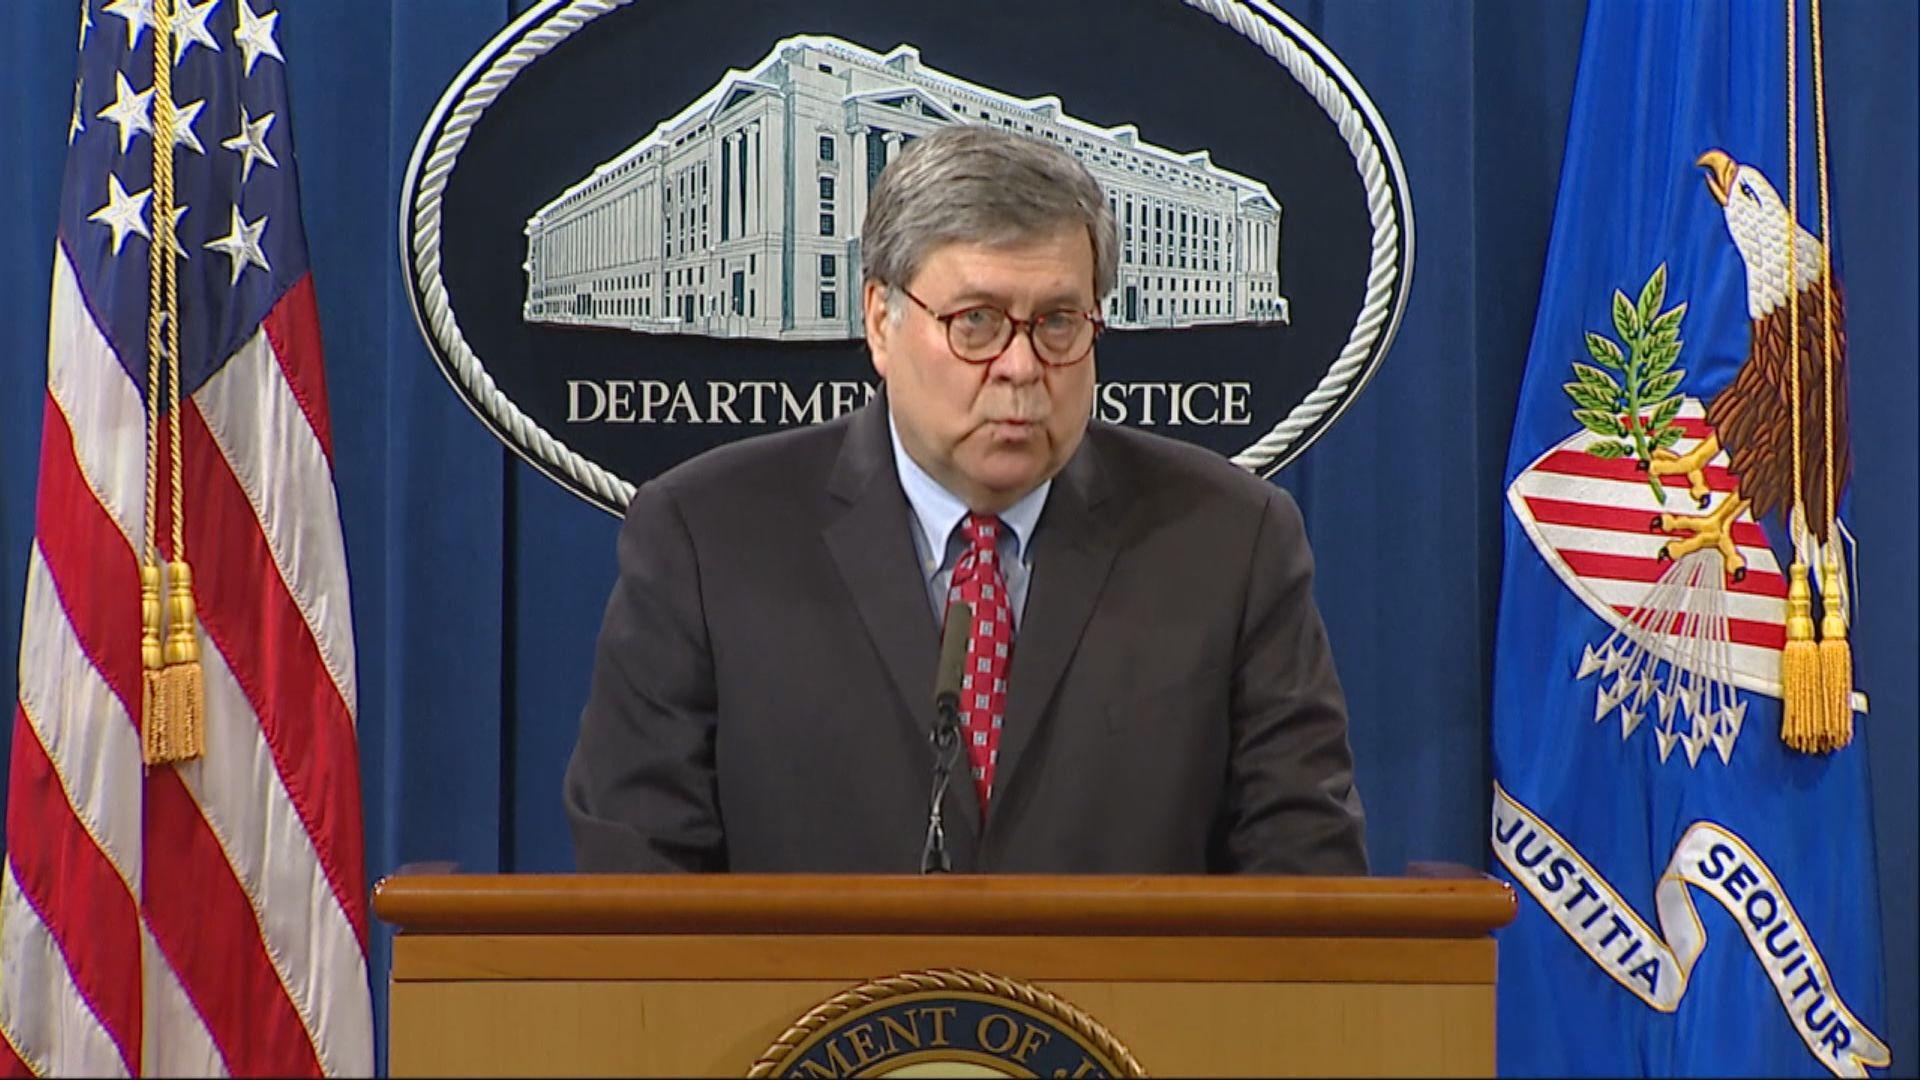 報道指司法部長巴爾親自下令驅散白宮附近示威者